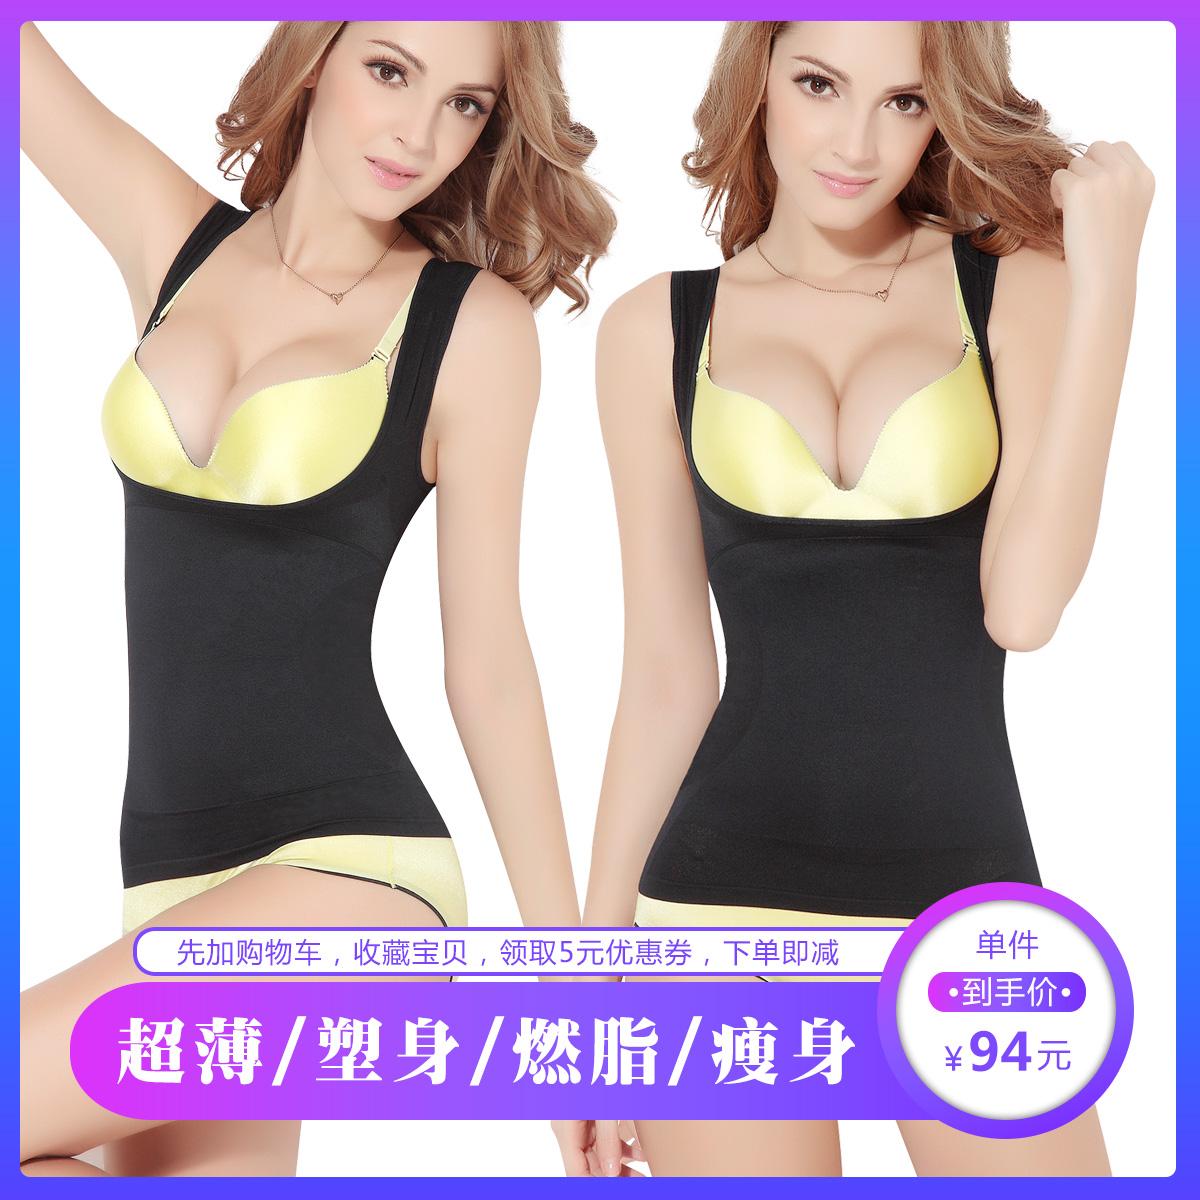 托胸内衣收副乳神器美体塑形束身瘦身分体束腰收腹塑身上衣背心女